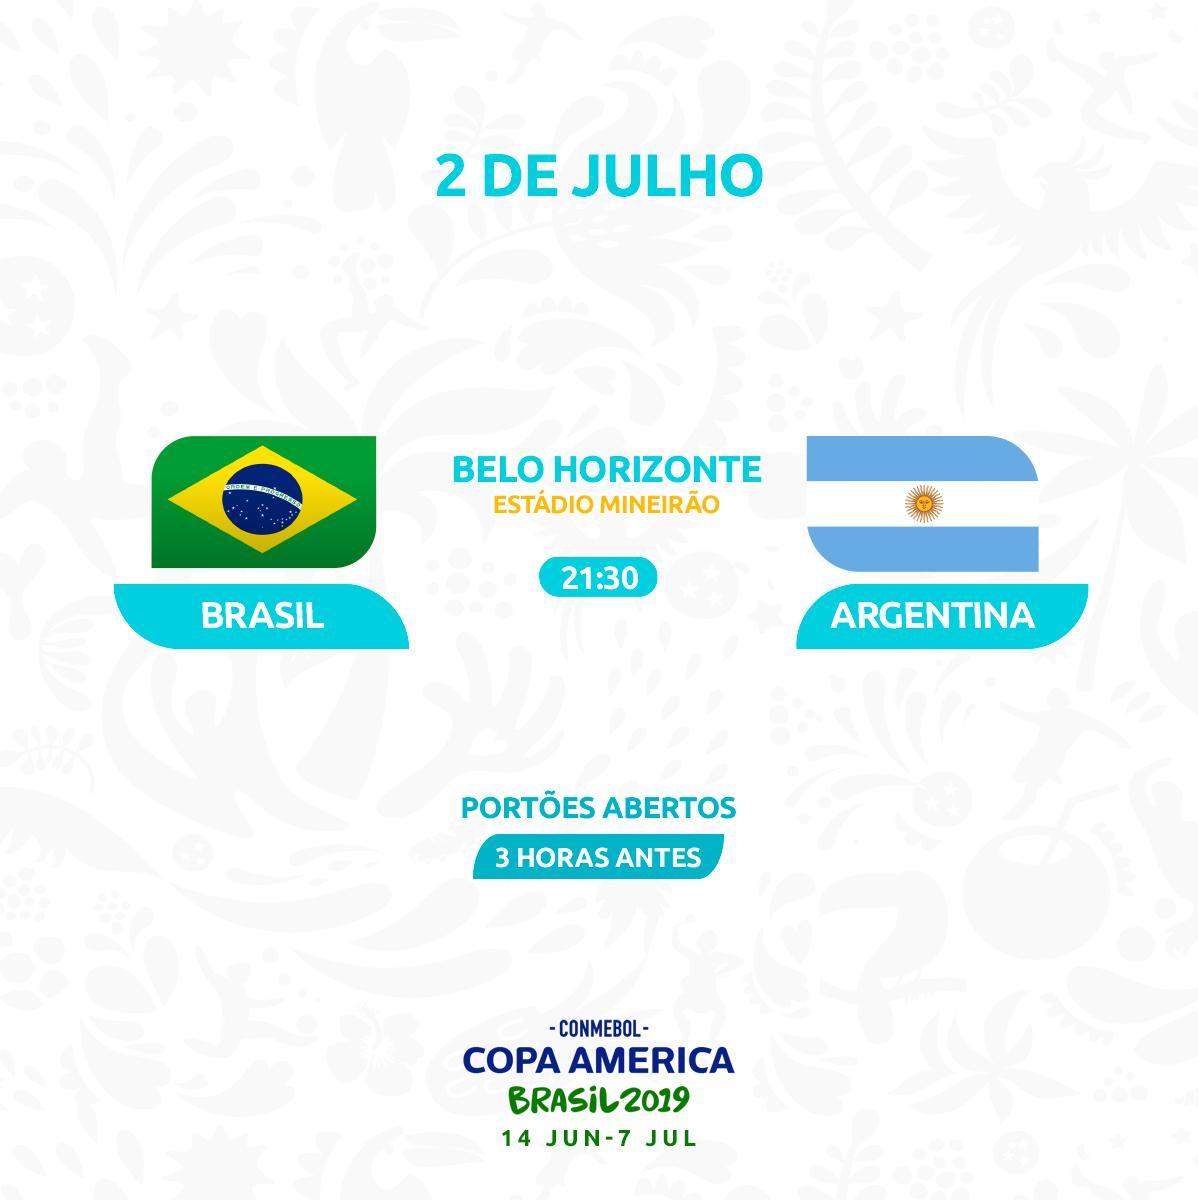 巴西战阿根廷赔率:巴西胜赔不断下调,晋级赔率3赔1